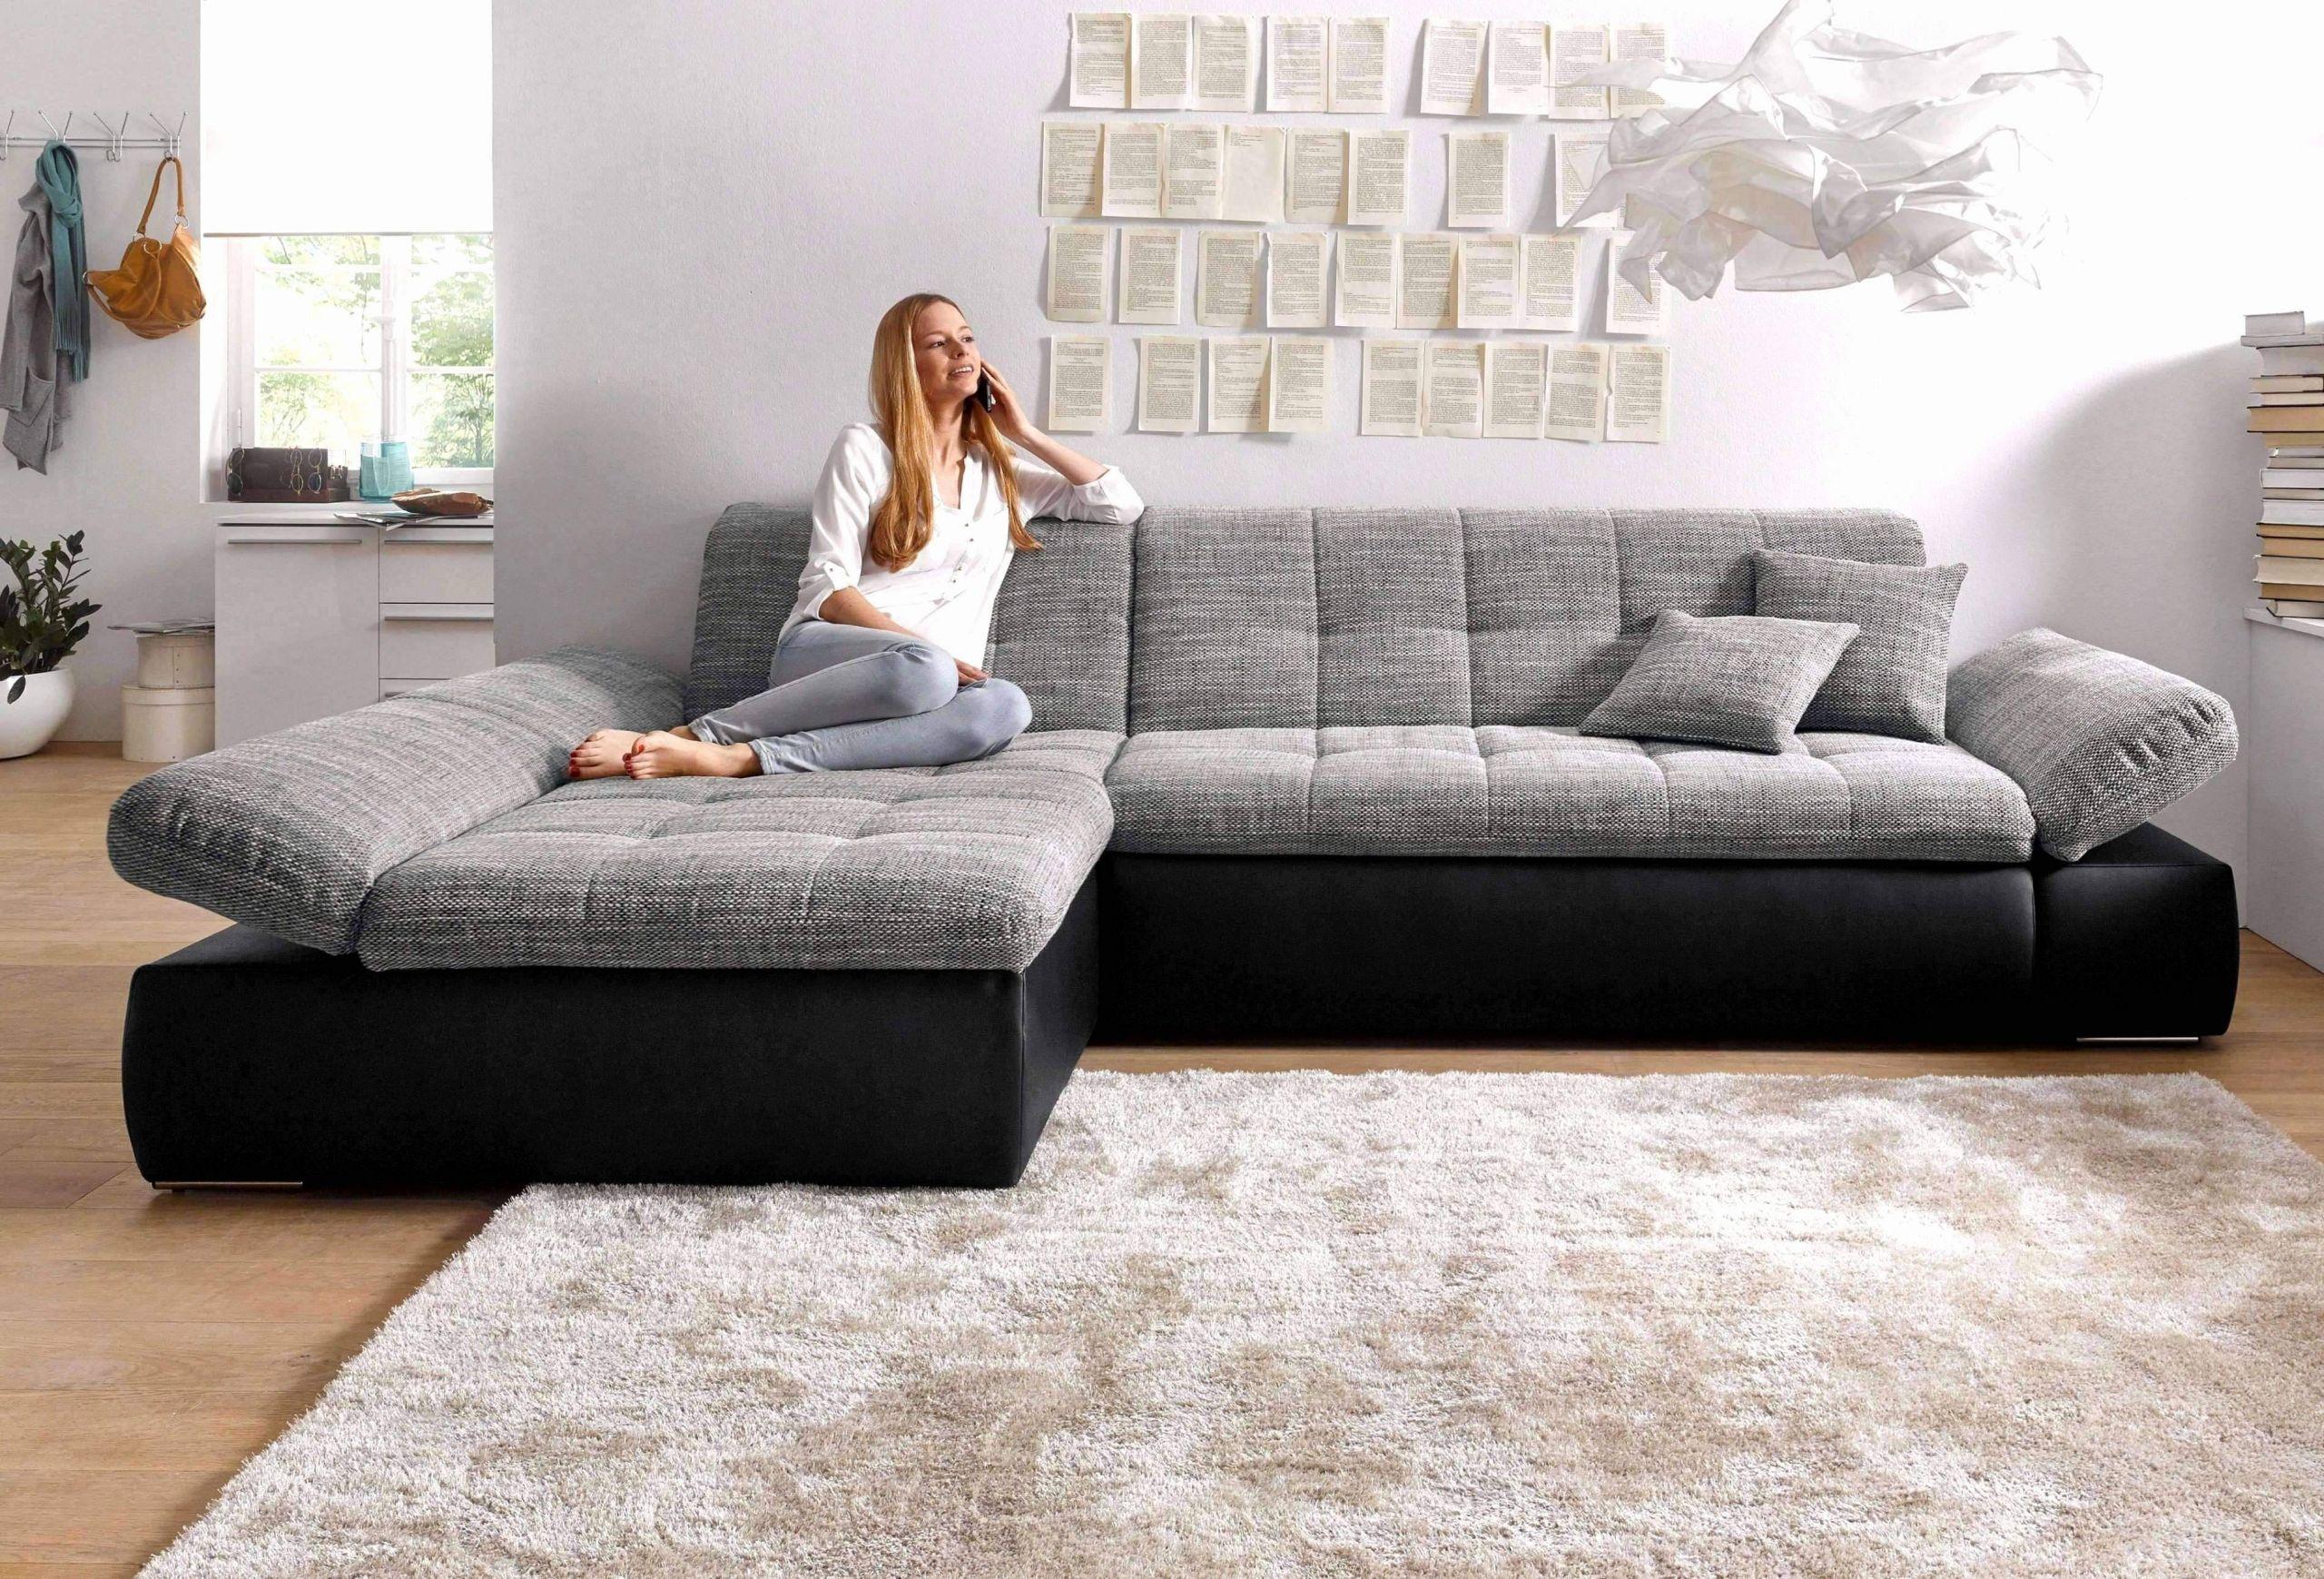 wohnzimmer deko online shop das beste von wohnzimmer deko line shop luxus lovely elegante wohnzimmer of wohnzimmer deko online shop scaled